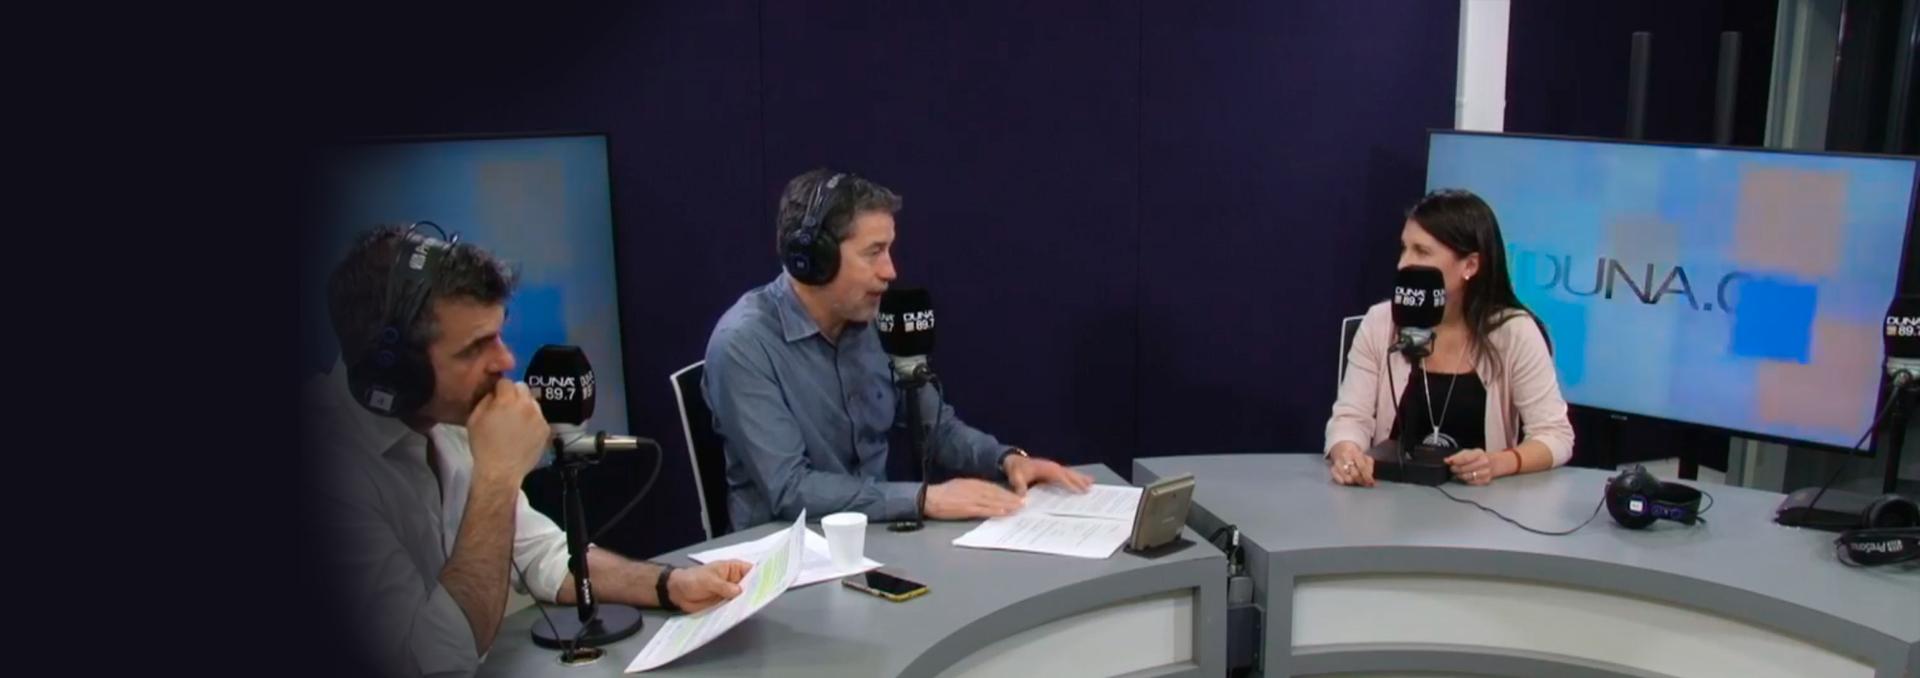 Entrevista Radio Duna a Rebeca Ibacache Consorcio BMRC